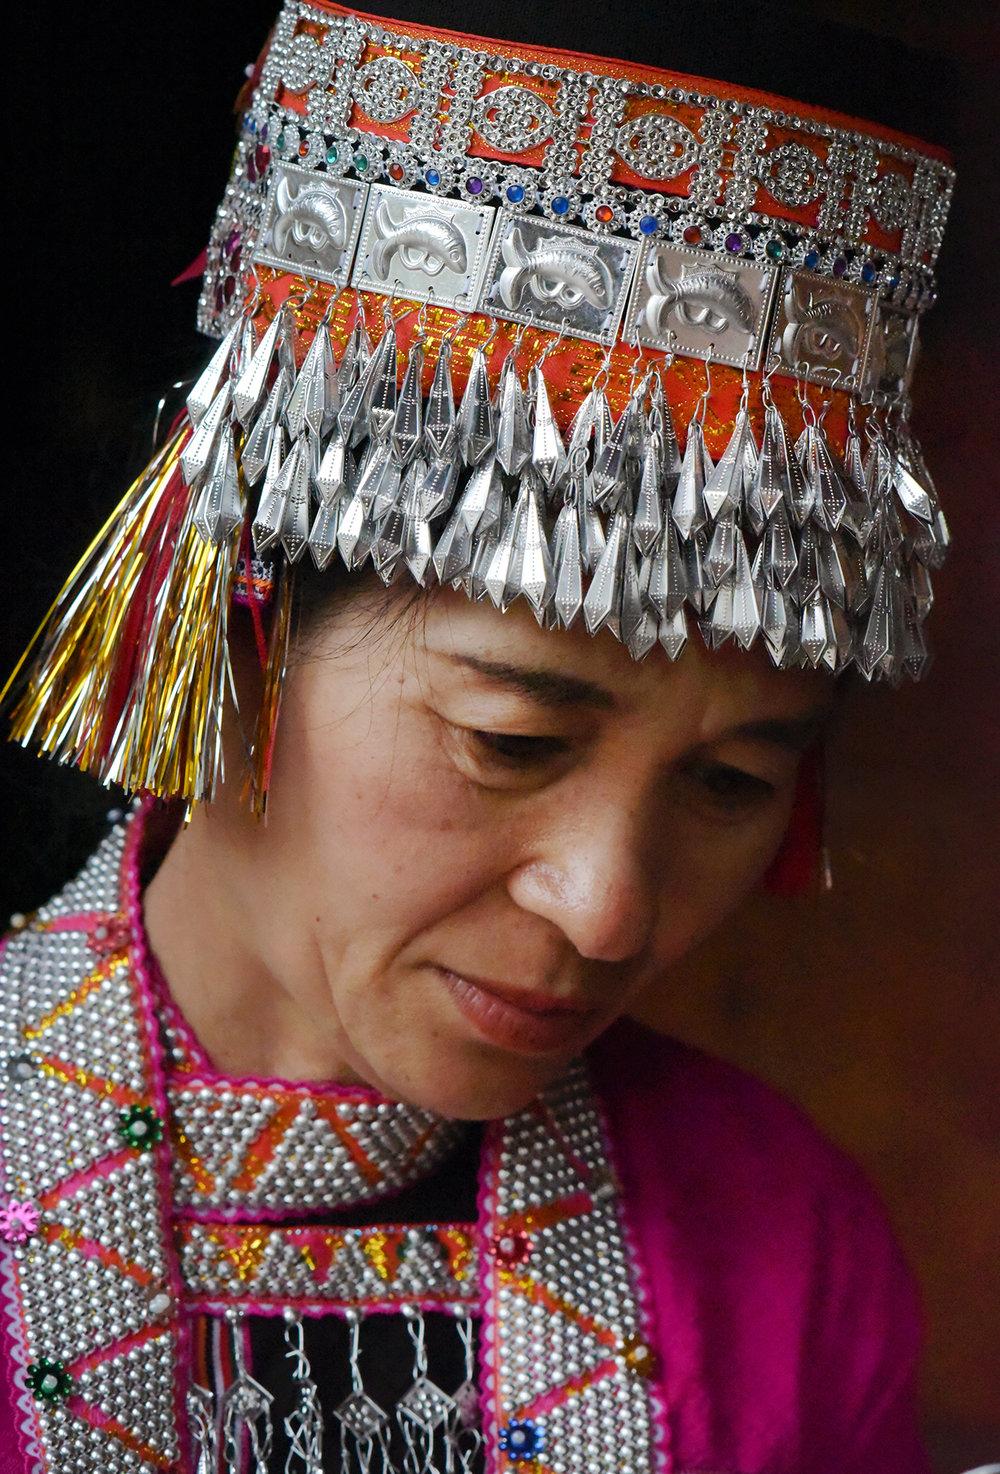 Yang Ming Ying